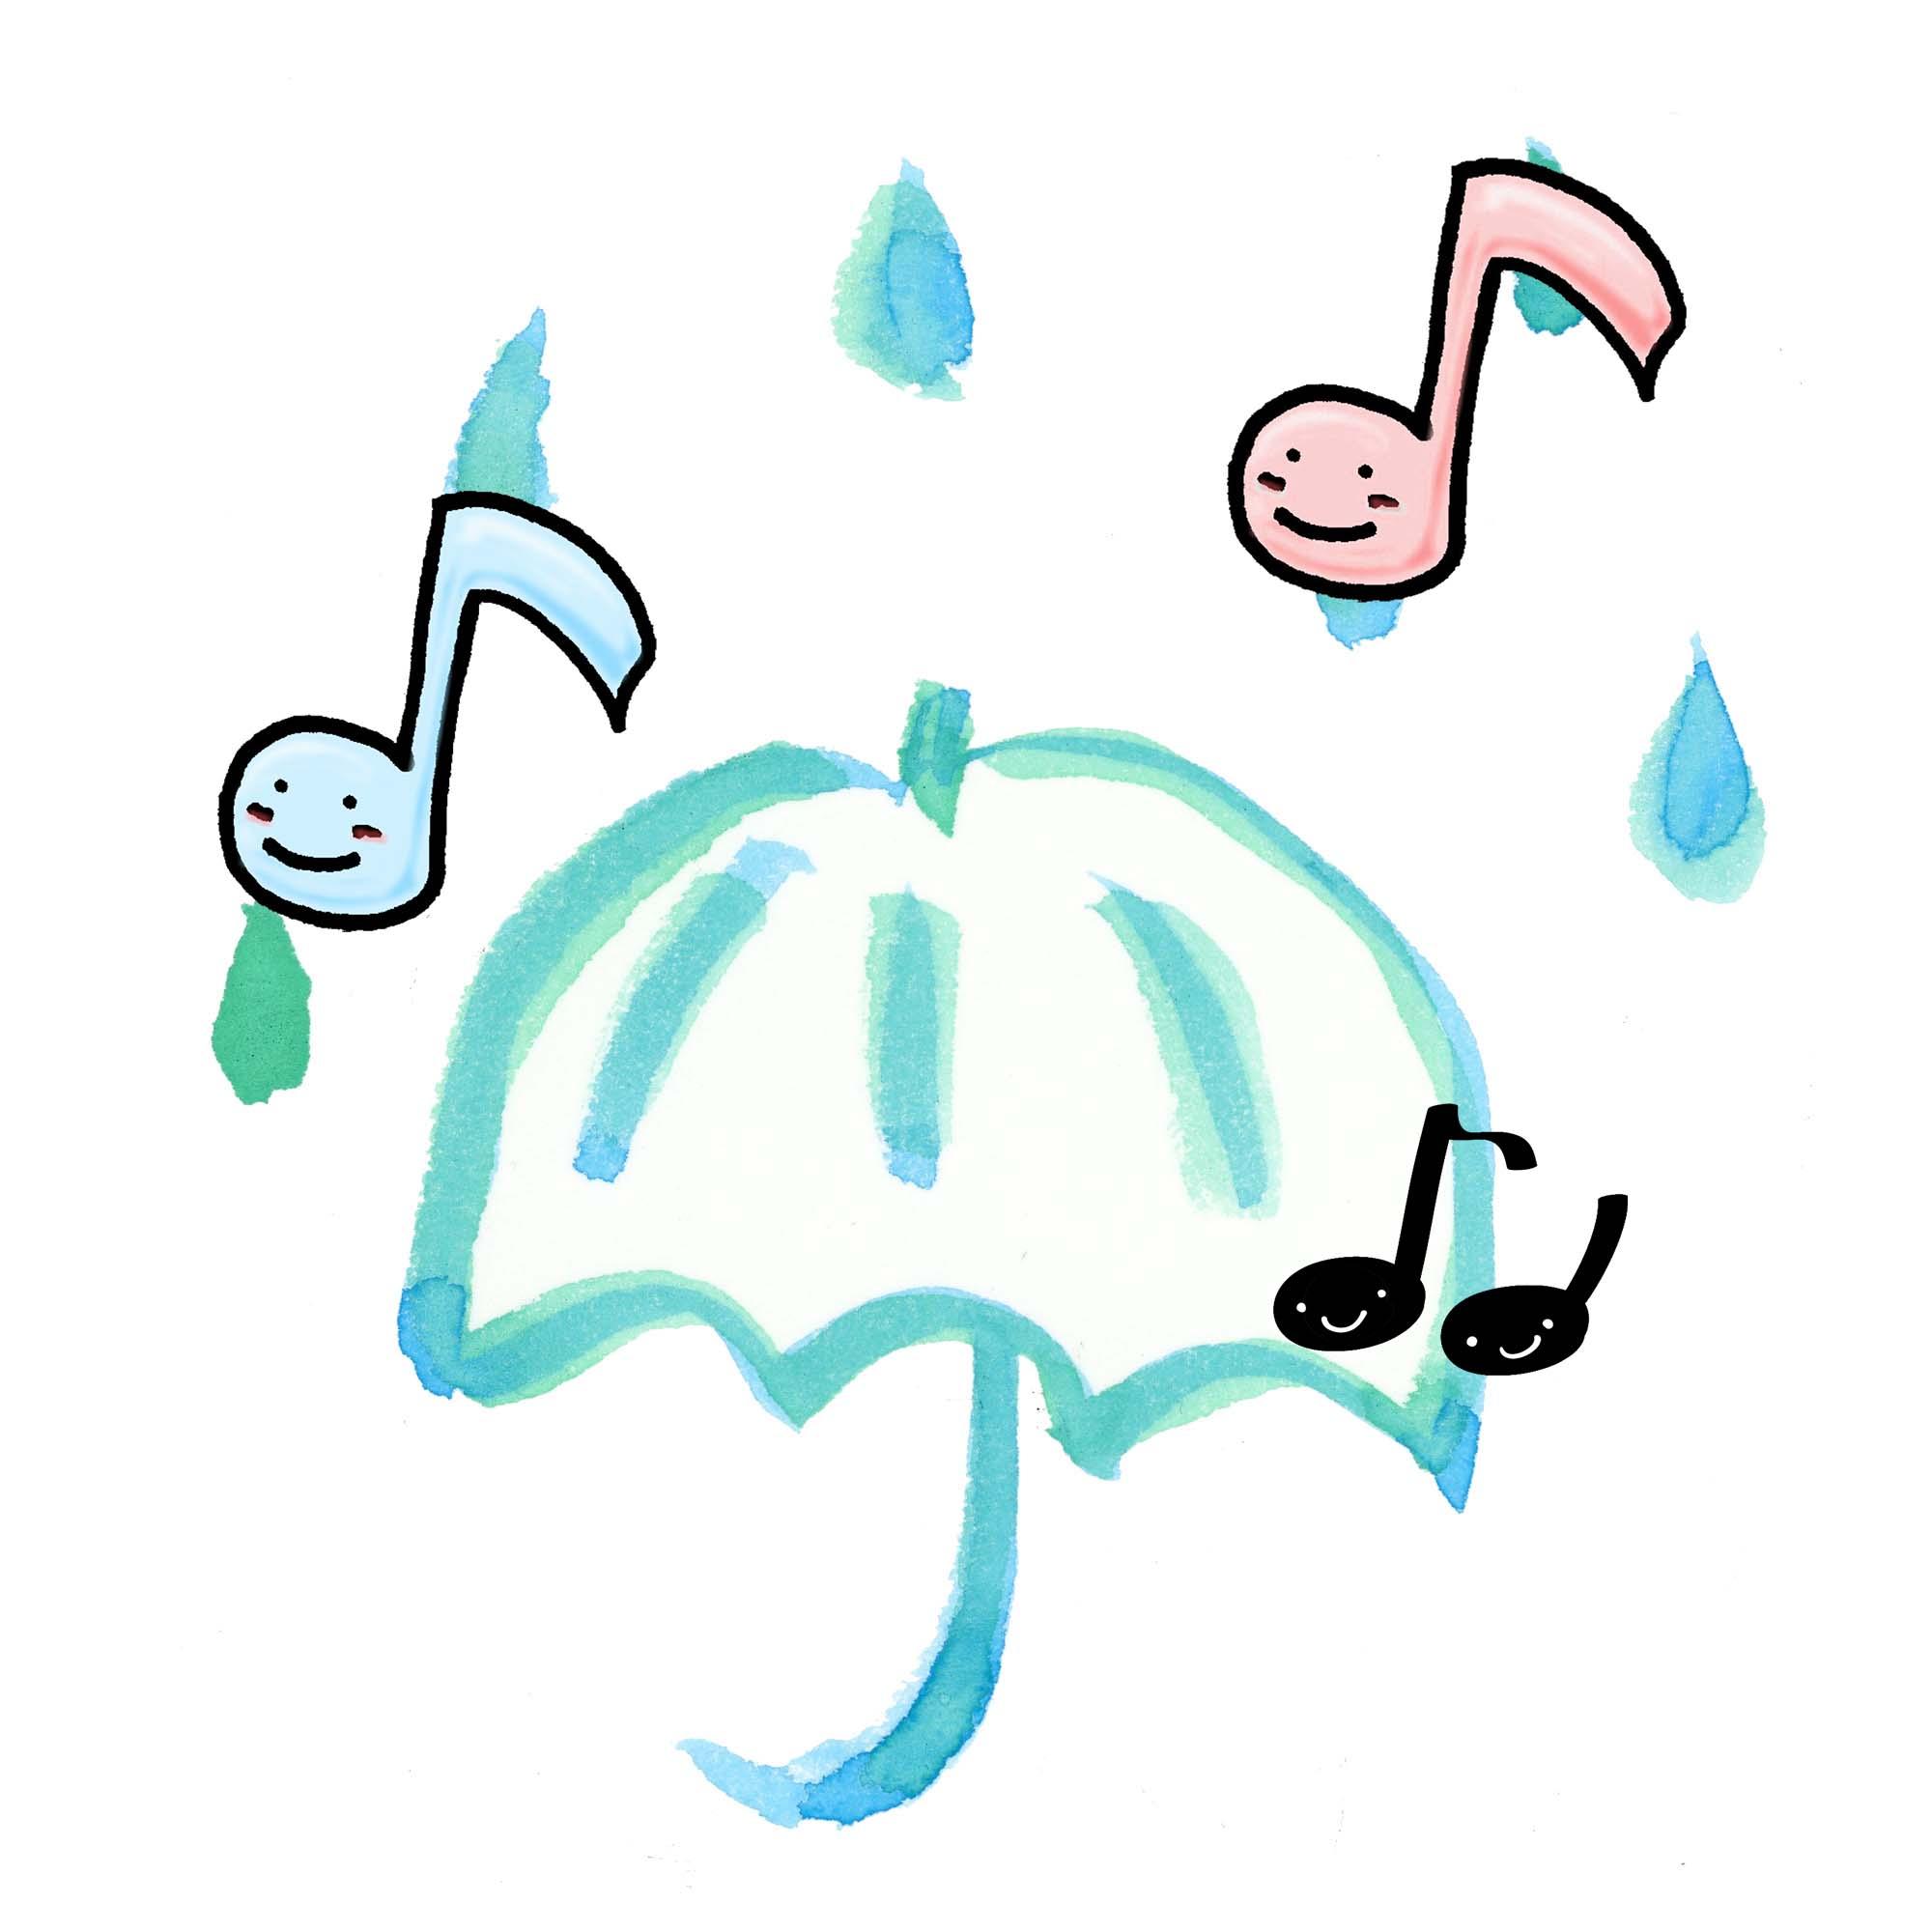 【雨の日に気分を上げる簡単な方法3選】